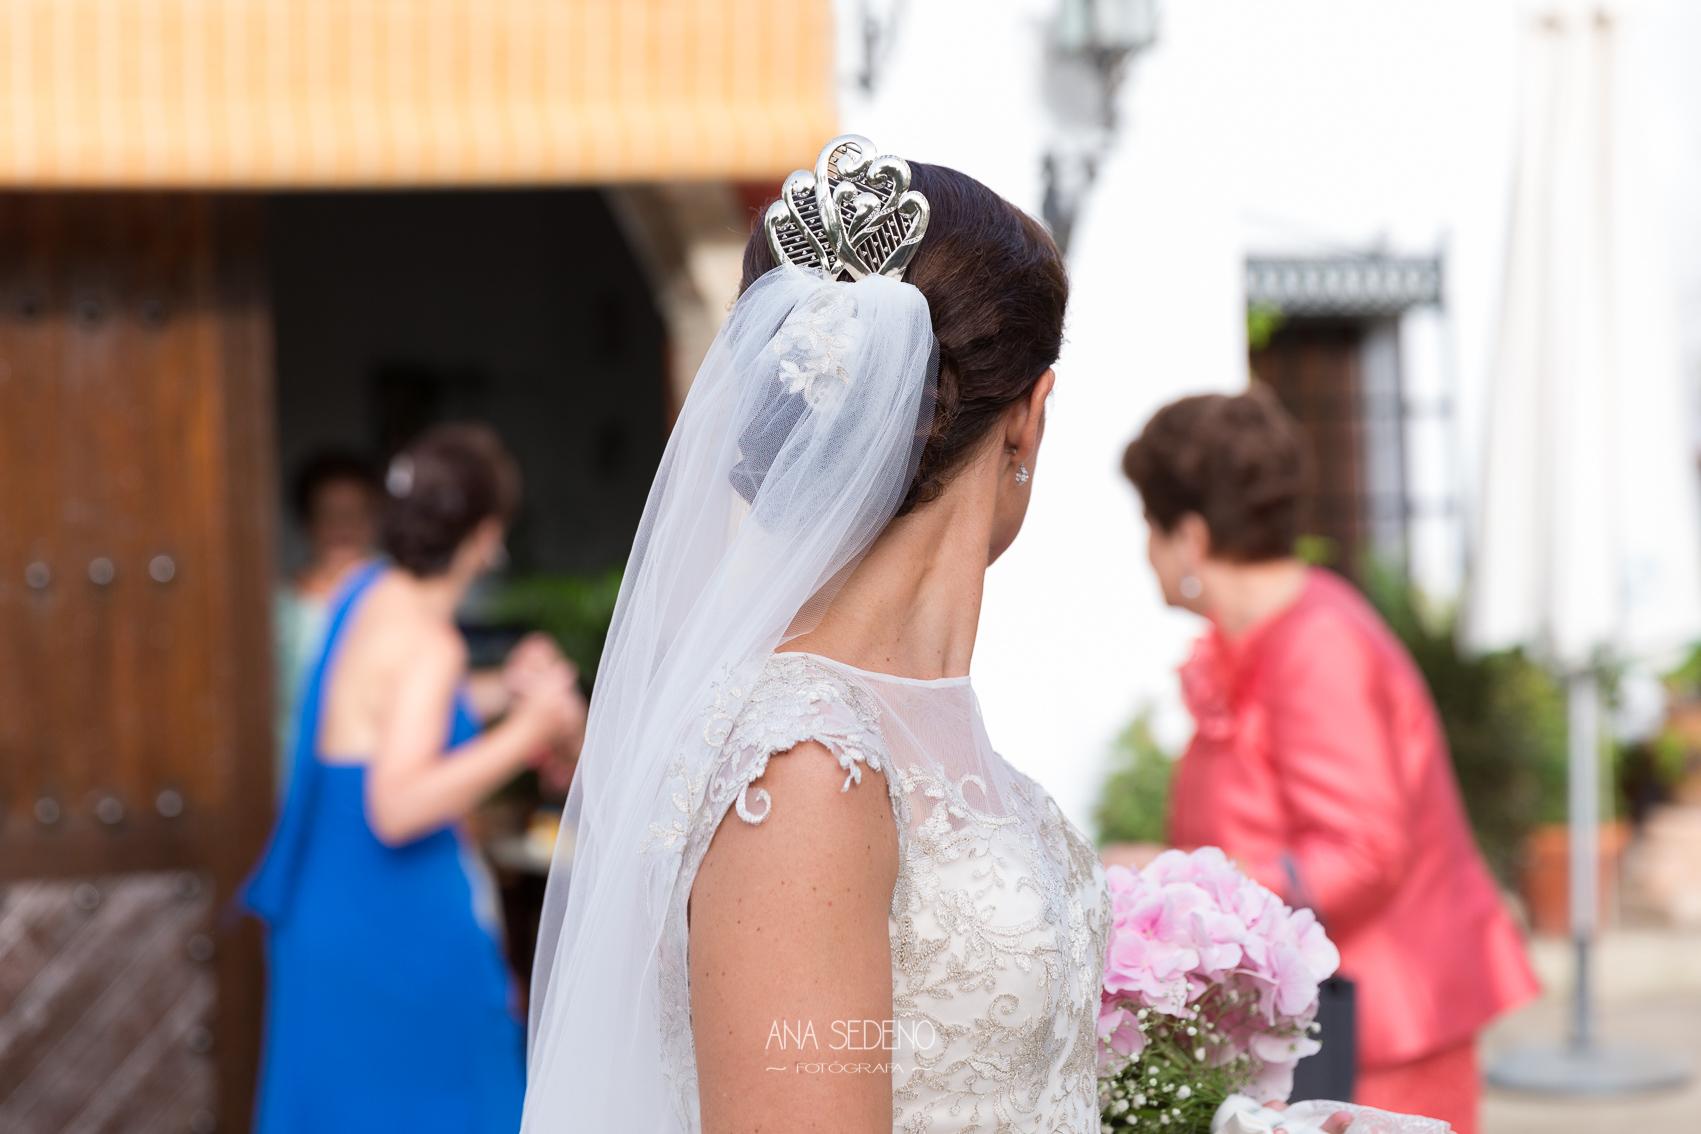 Ana Sedeño Fotografa.-Boda-0418